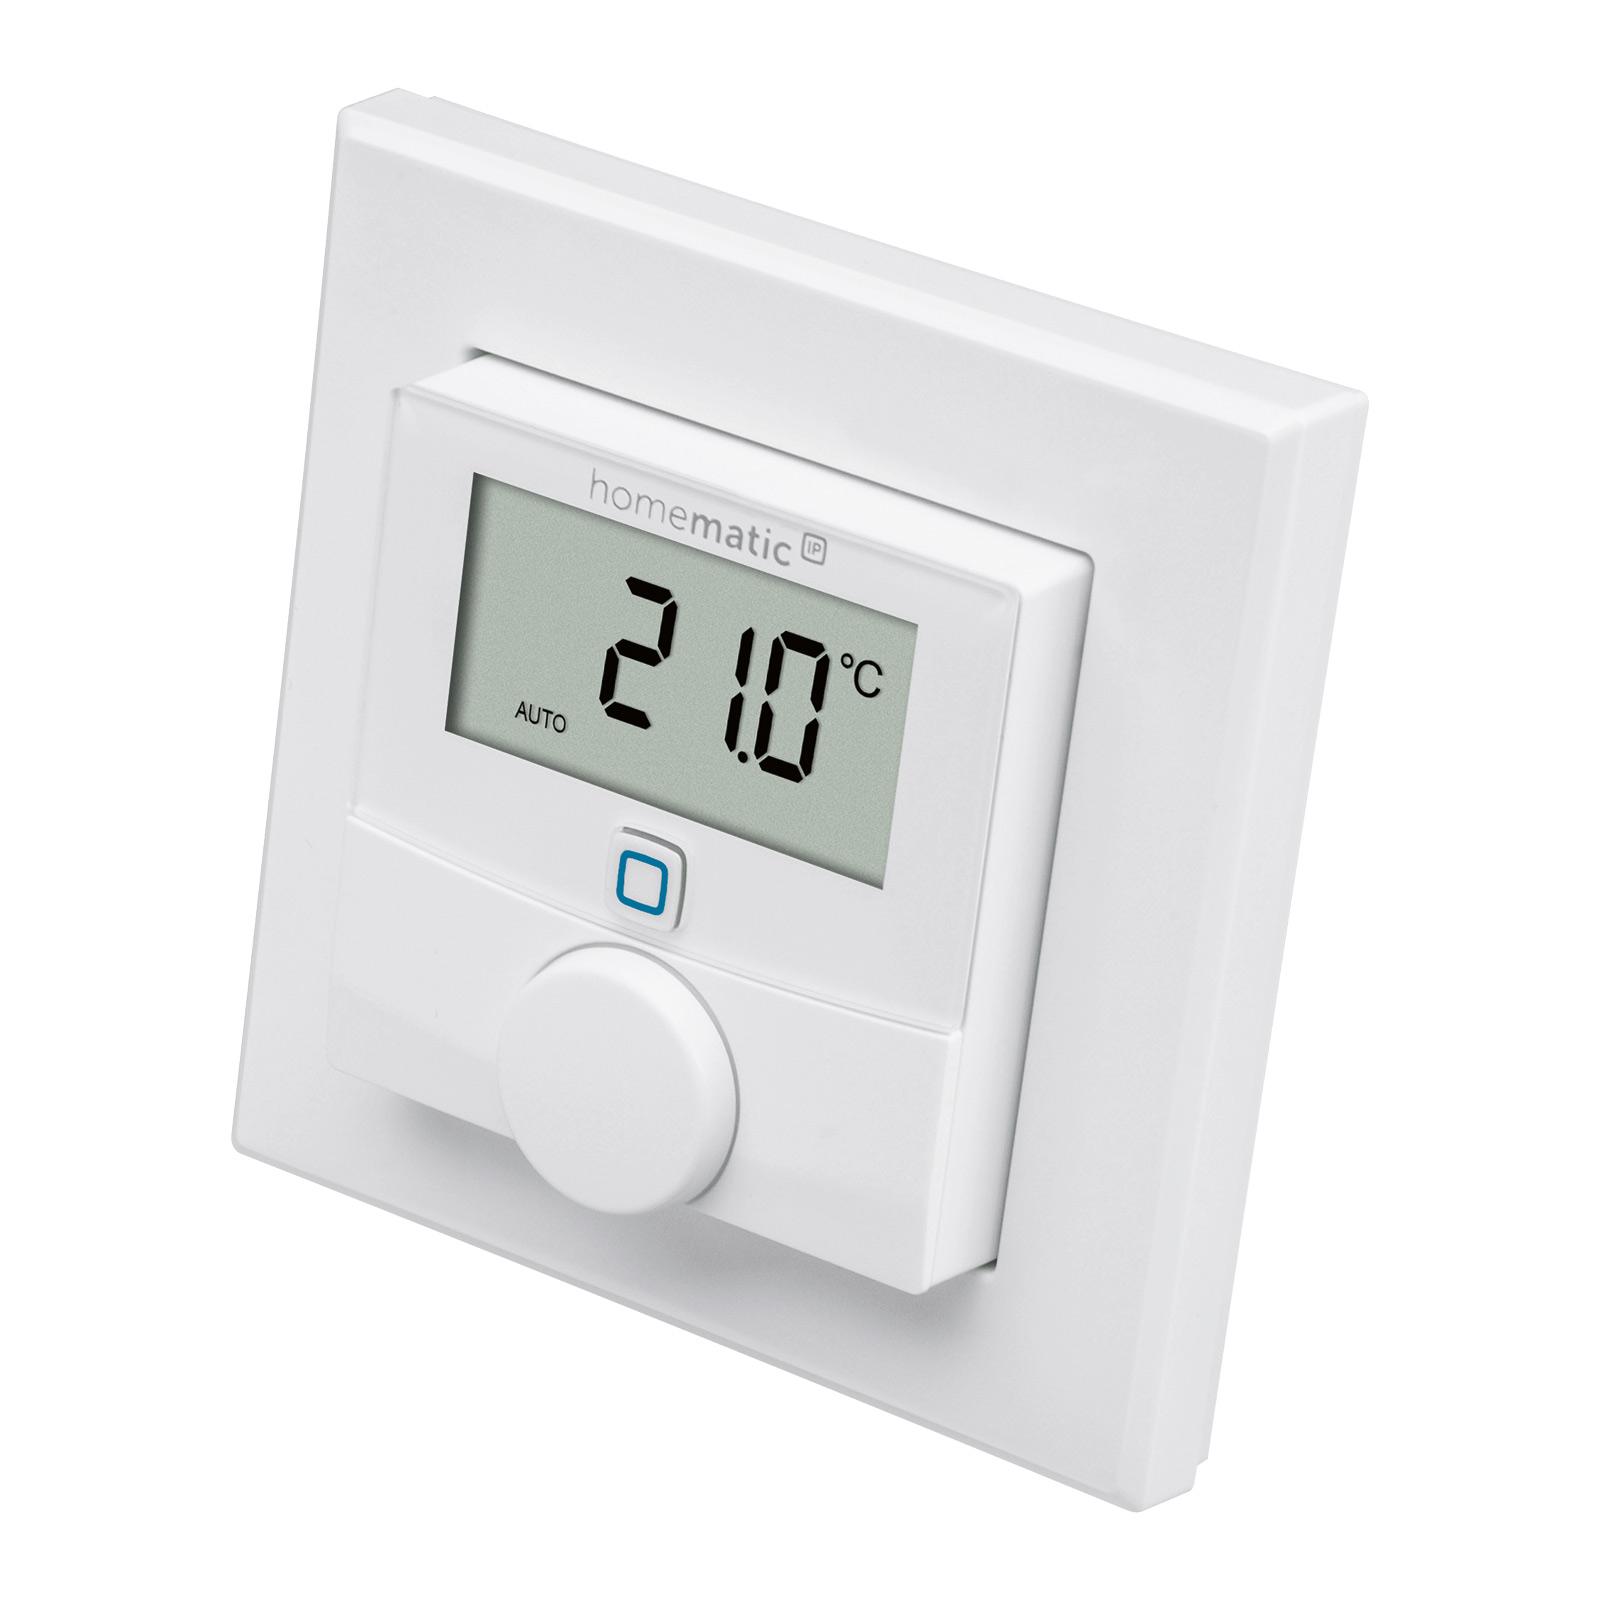 Homematic IP termostato a parete, sensore umidità